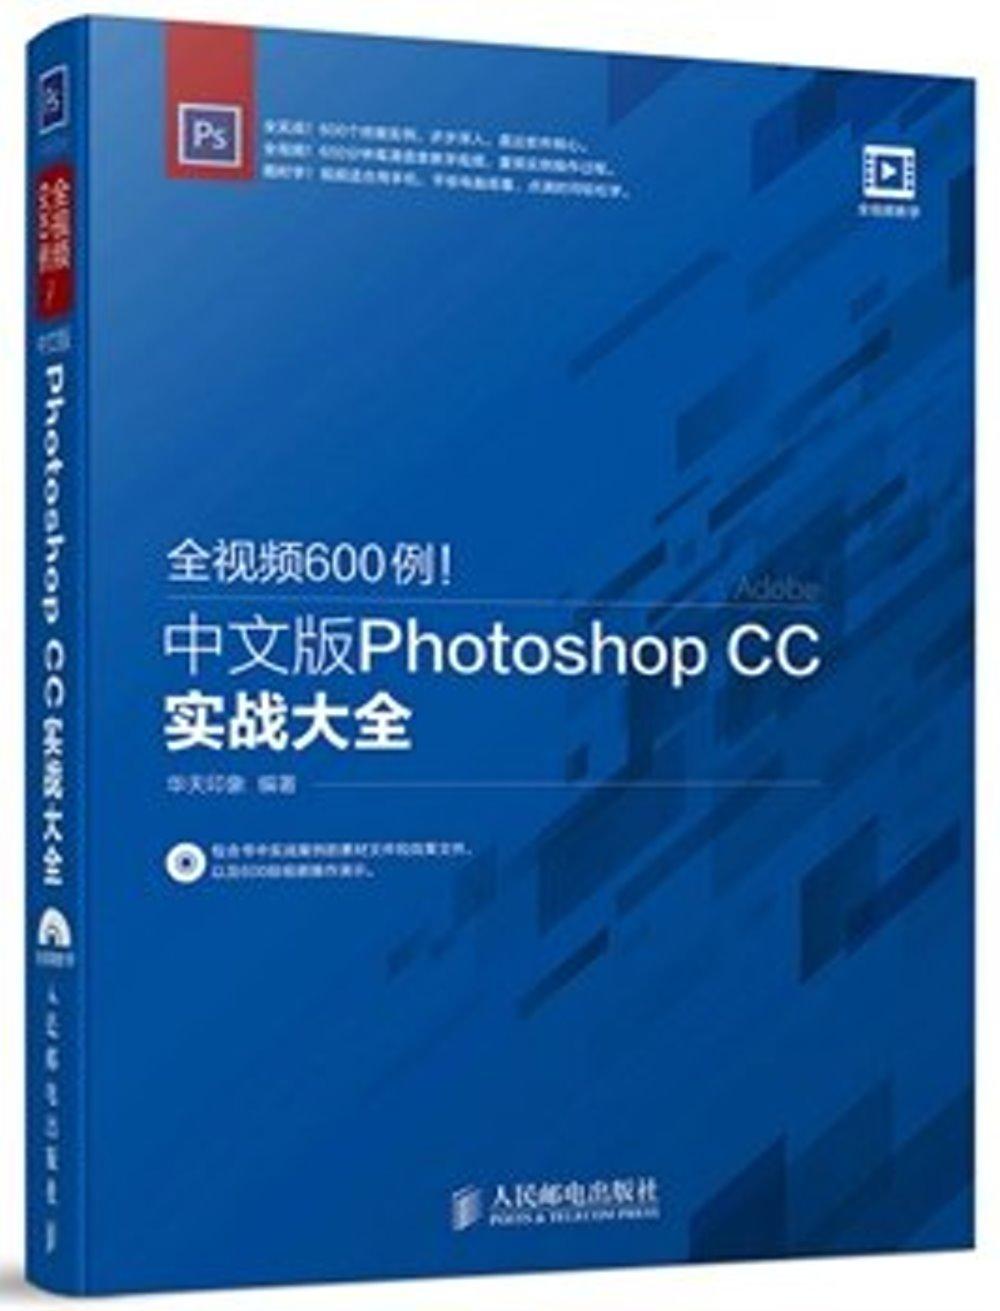 全視頻600例^!中文版Photoshop CC實戰大全